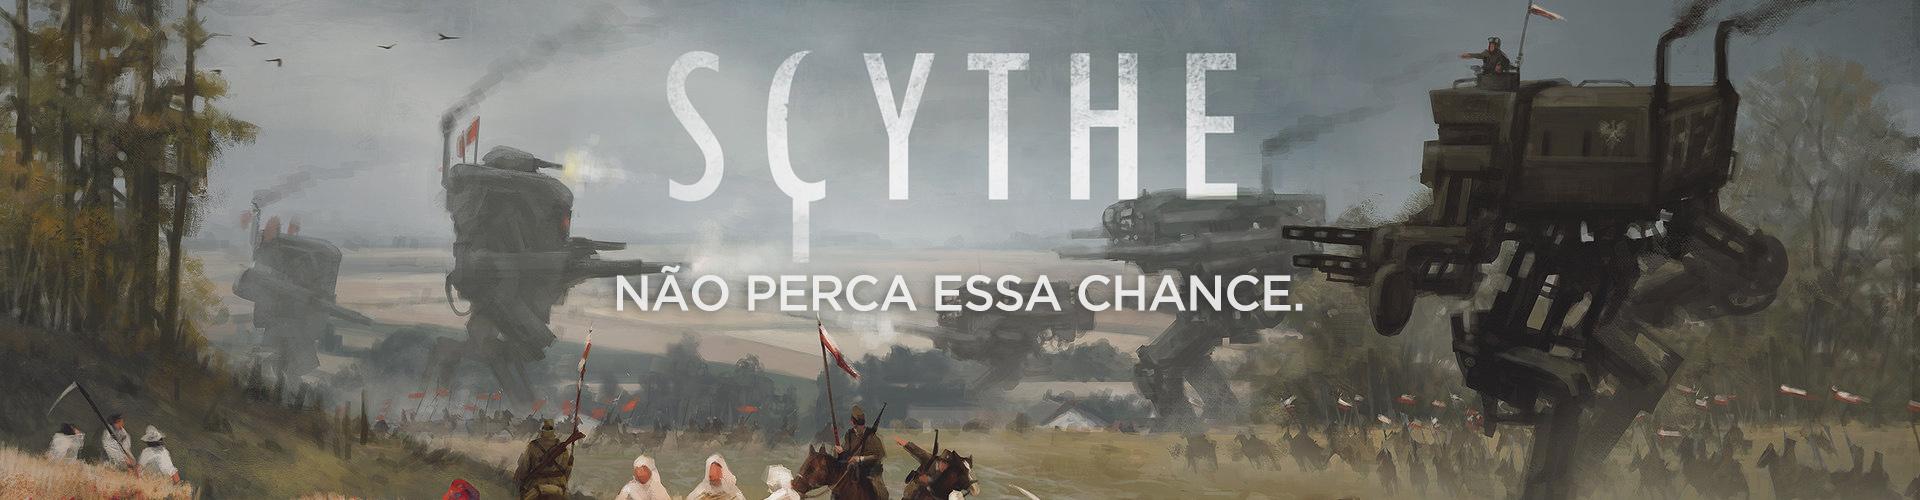 Pré-venda: Scythe